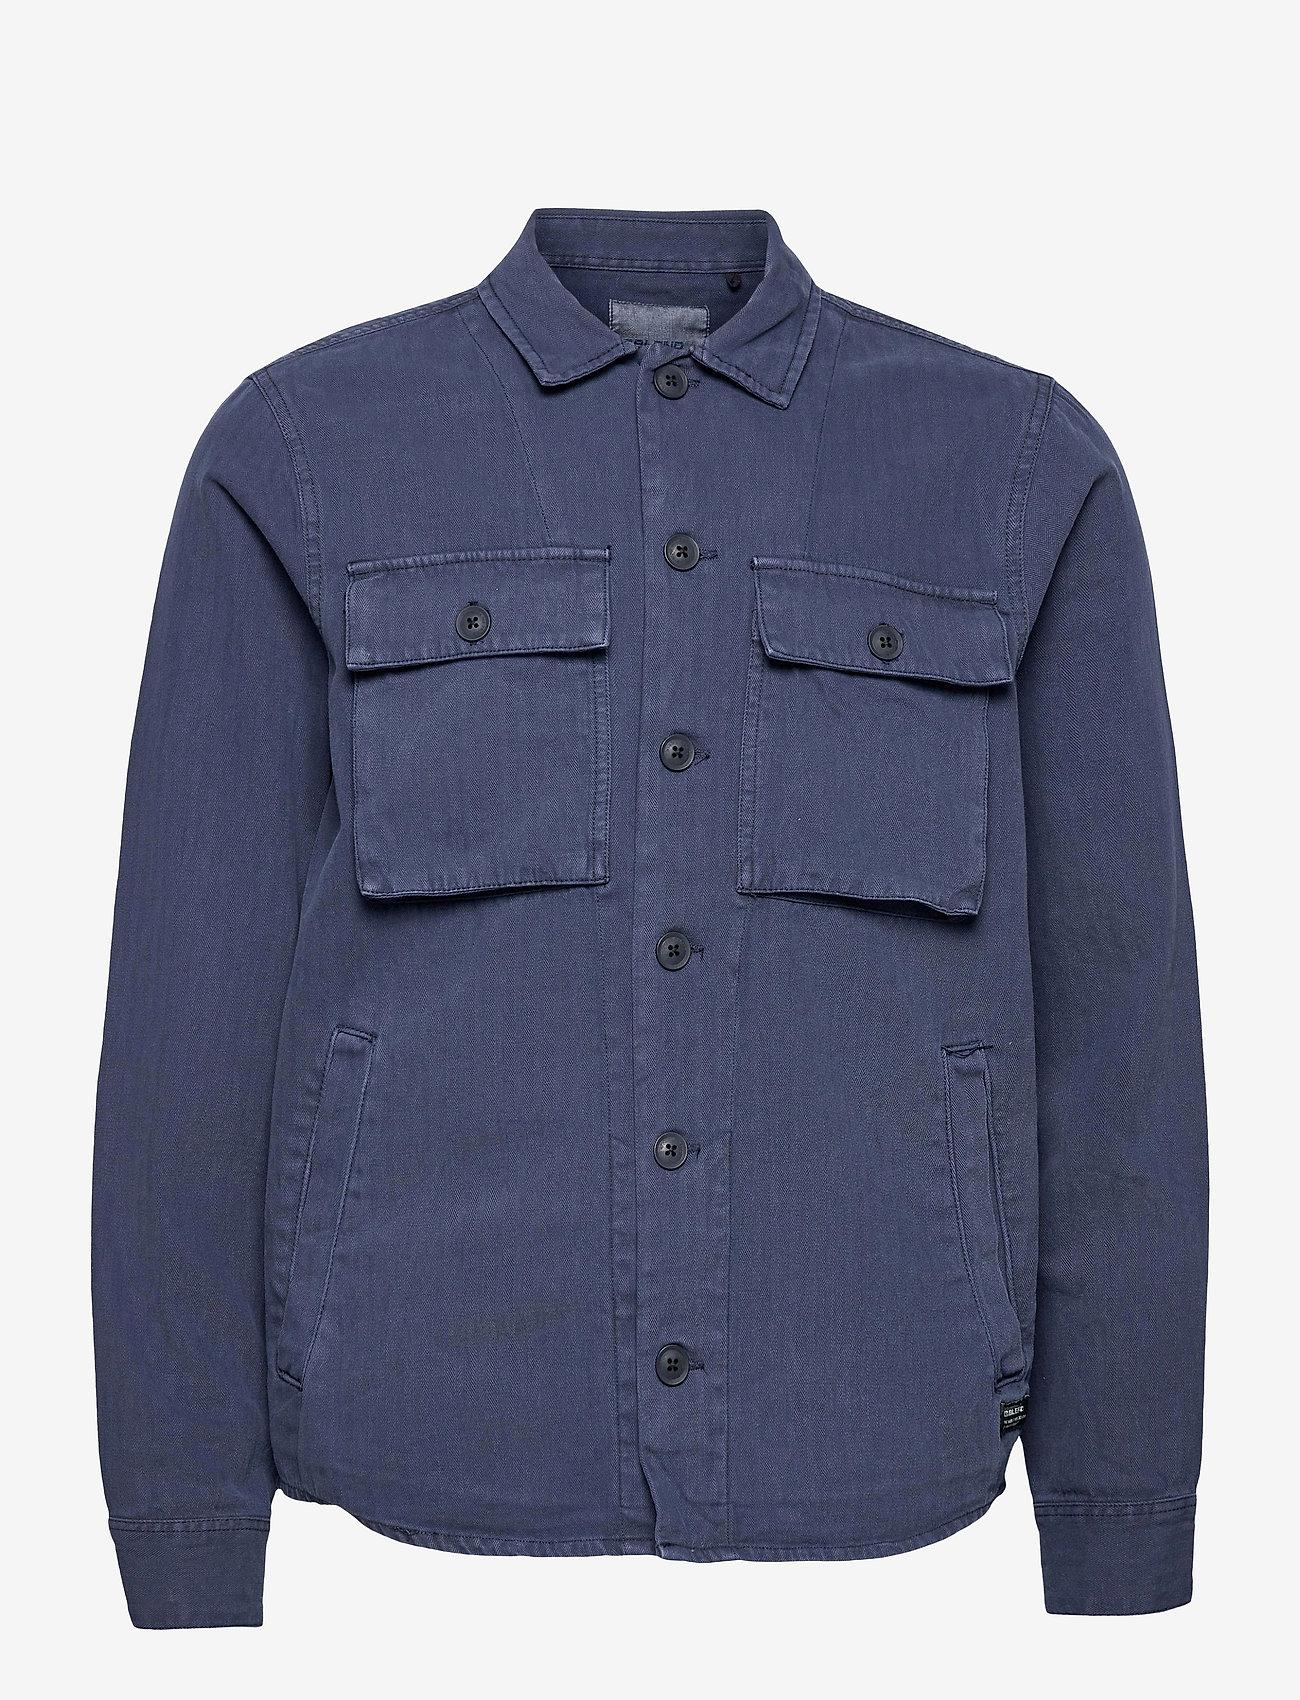 Blend - Outerwear - windjassen - dress blues - 0